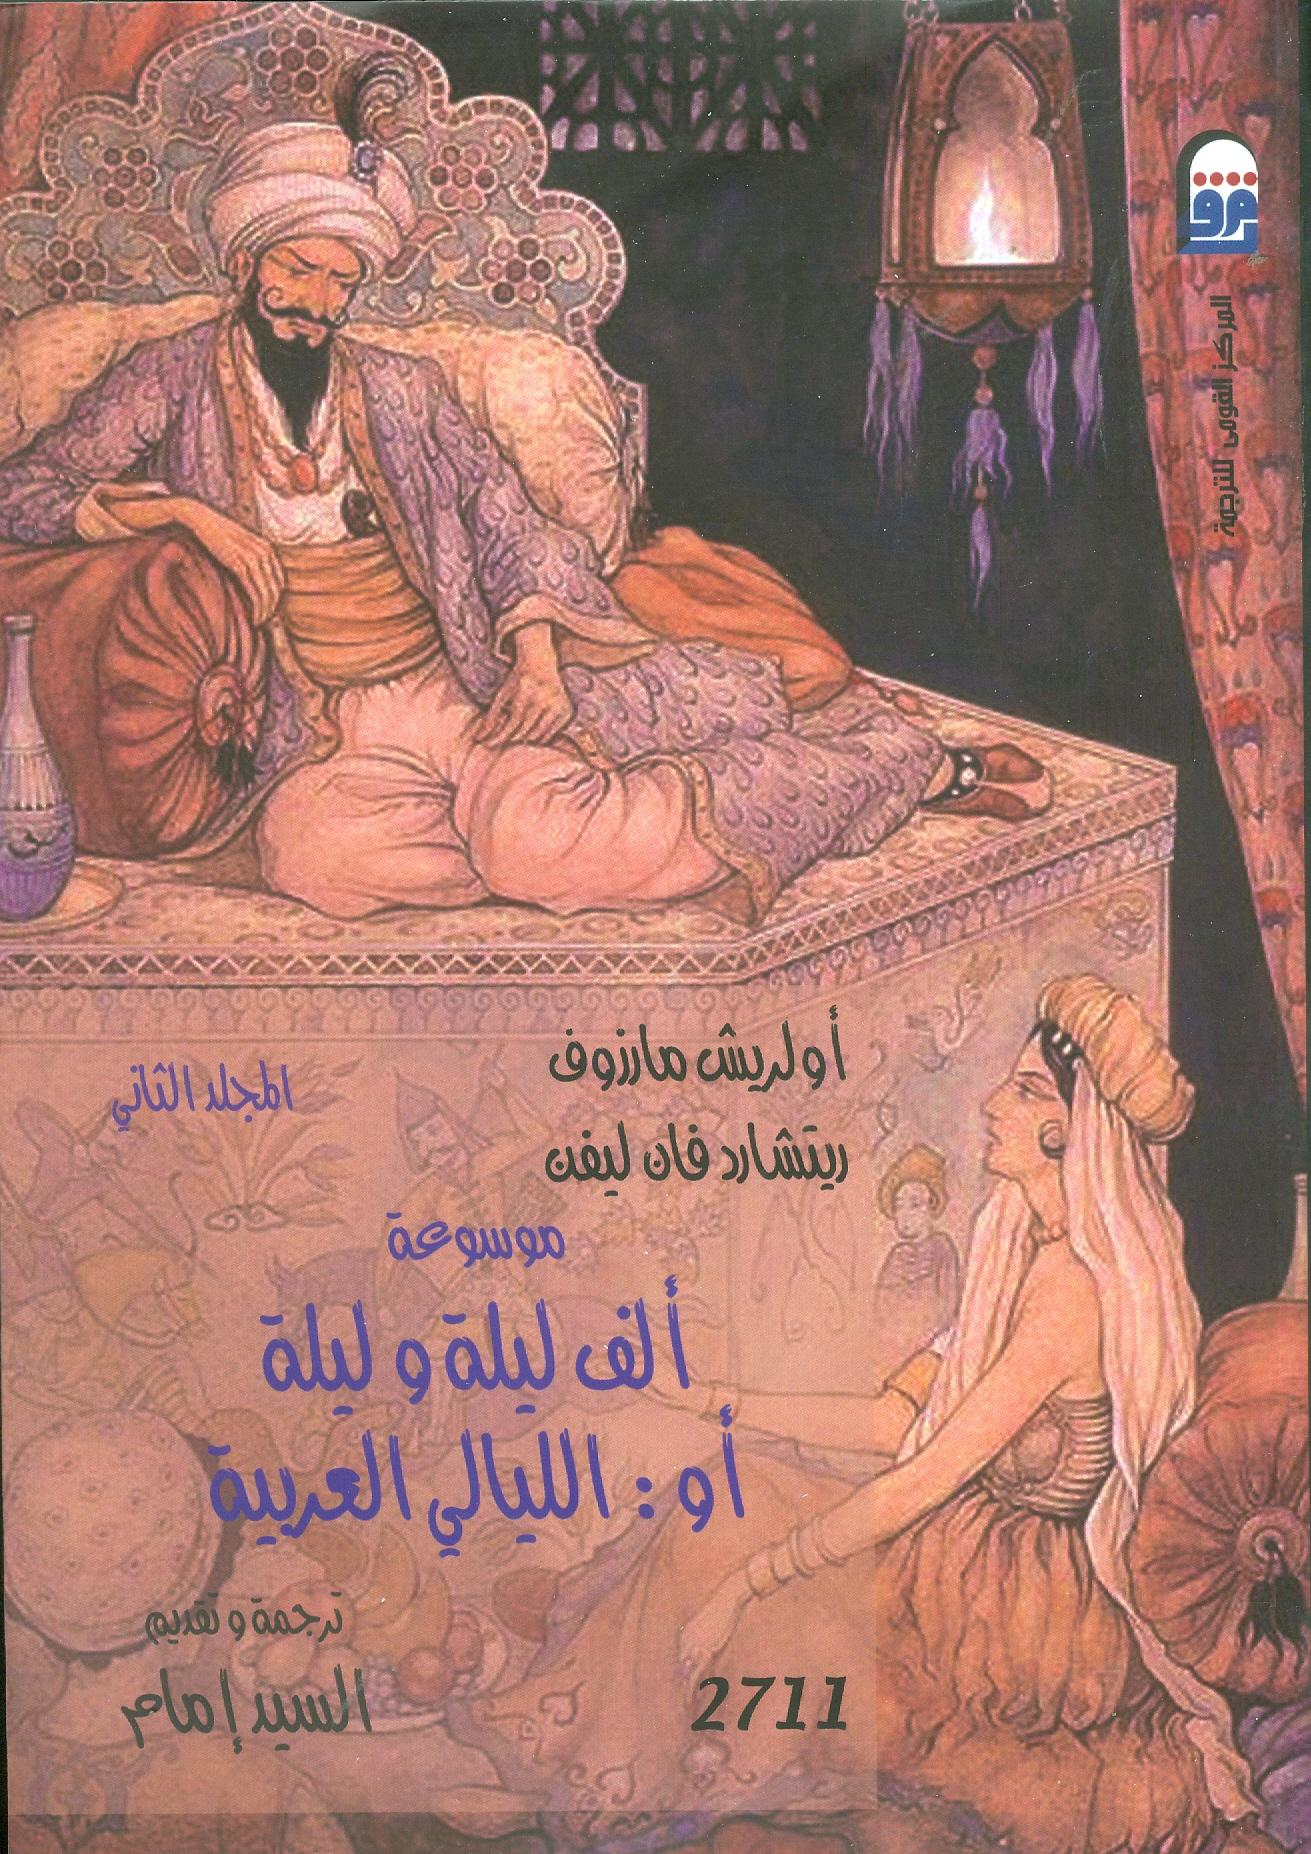 موسوعة ألف ليلة وليلة أو الليالى العربية المجلد الثانى